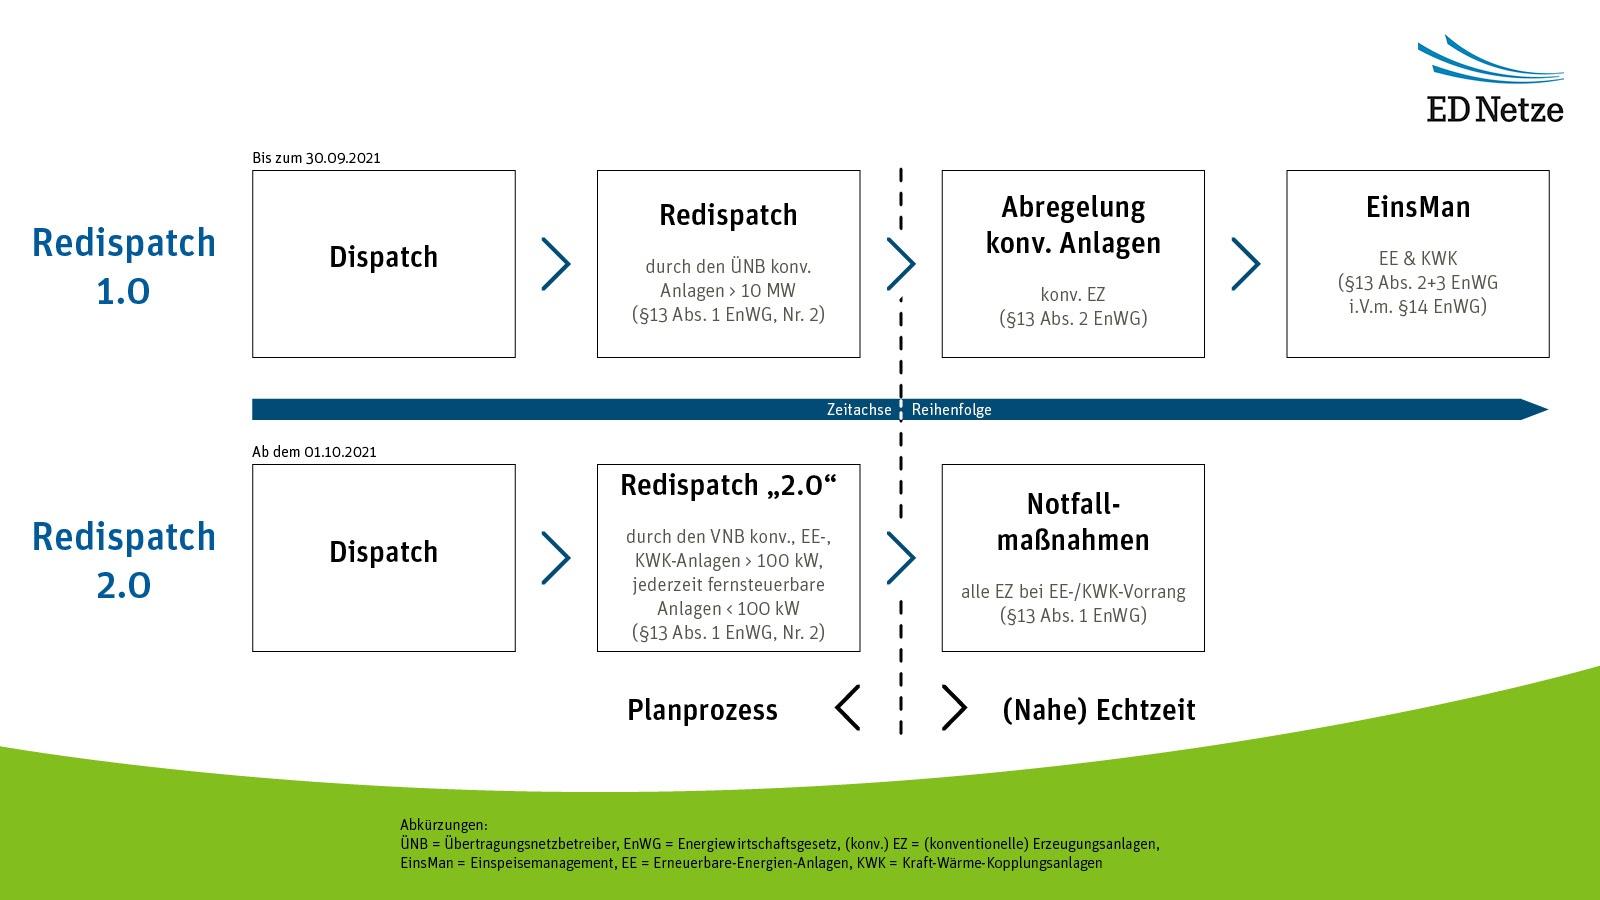 """Redispatch 2.0 ist ein erster Meilenstein hin zum dezentralen und KI-basierten Netzengpassreduktionsvorgehen Redispatch 3.0, bei dem dann neben den nun einbezogenen """"größeren"""" EE- und KWK-Anlagen auch private Kleinsterzeugeranlagen in die Prognose- und Netzoptimierungsprozesse integriert werden sollen. Dafür braucht es langfristig intelligent agierende Stromnetze, für die bereits erste Weichen gestellt sind: Smart Grids. (Grafik: ED Netze GmbH)"""